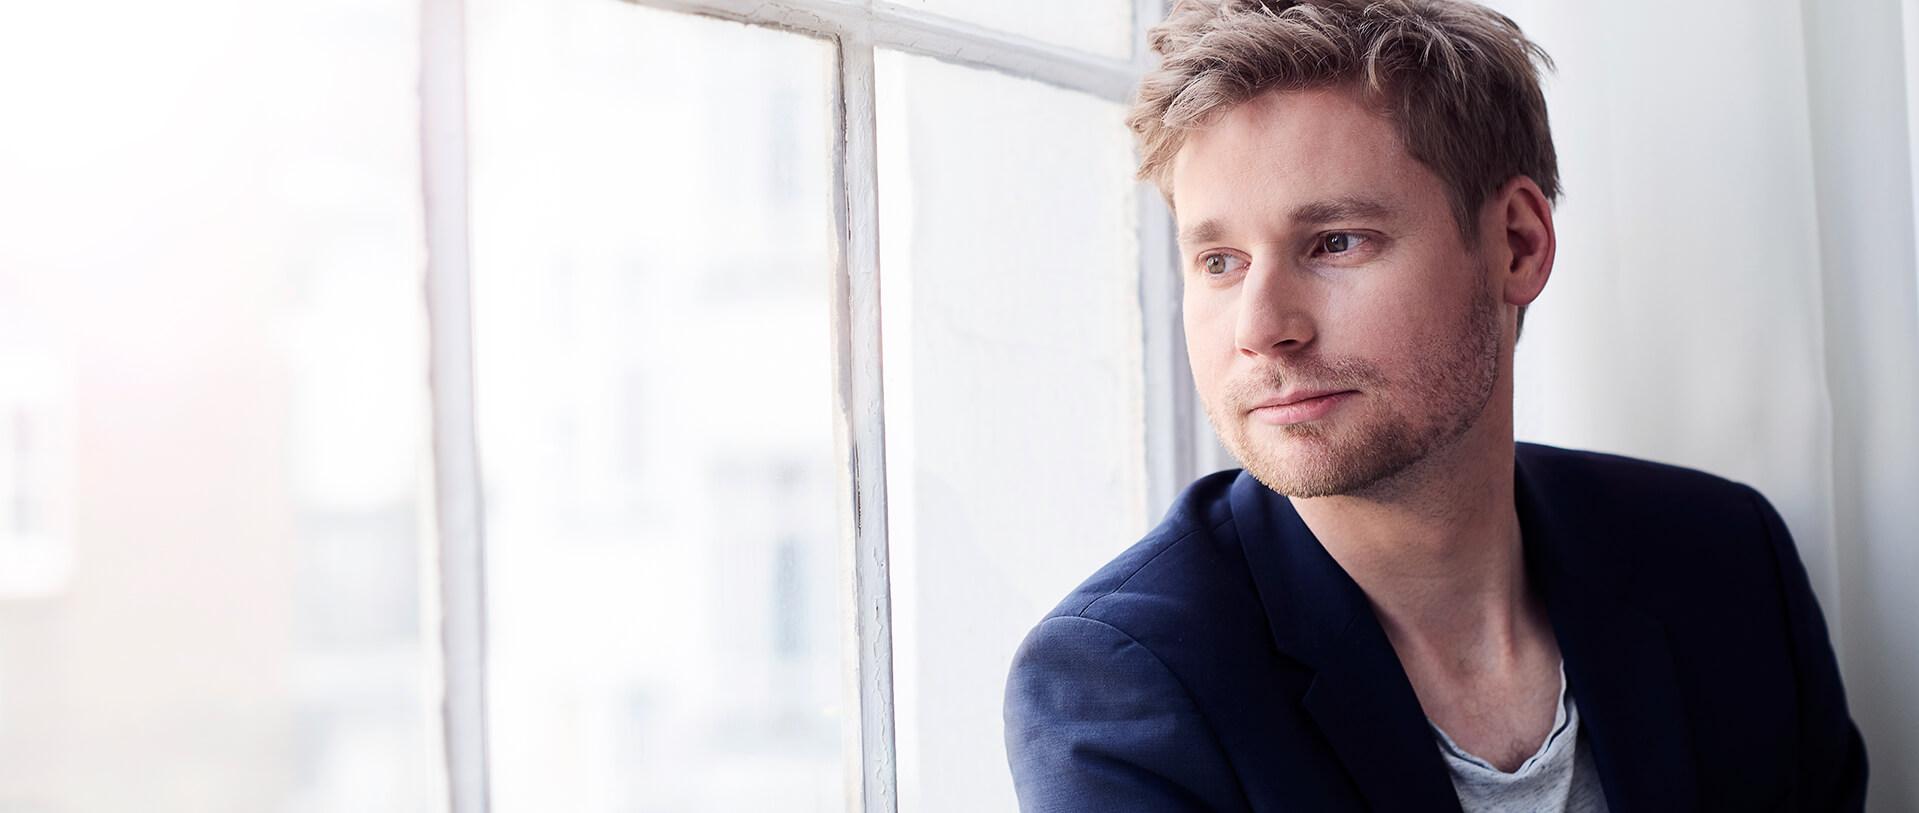 Erik Flügge schaut aus einem Fenster